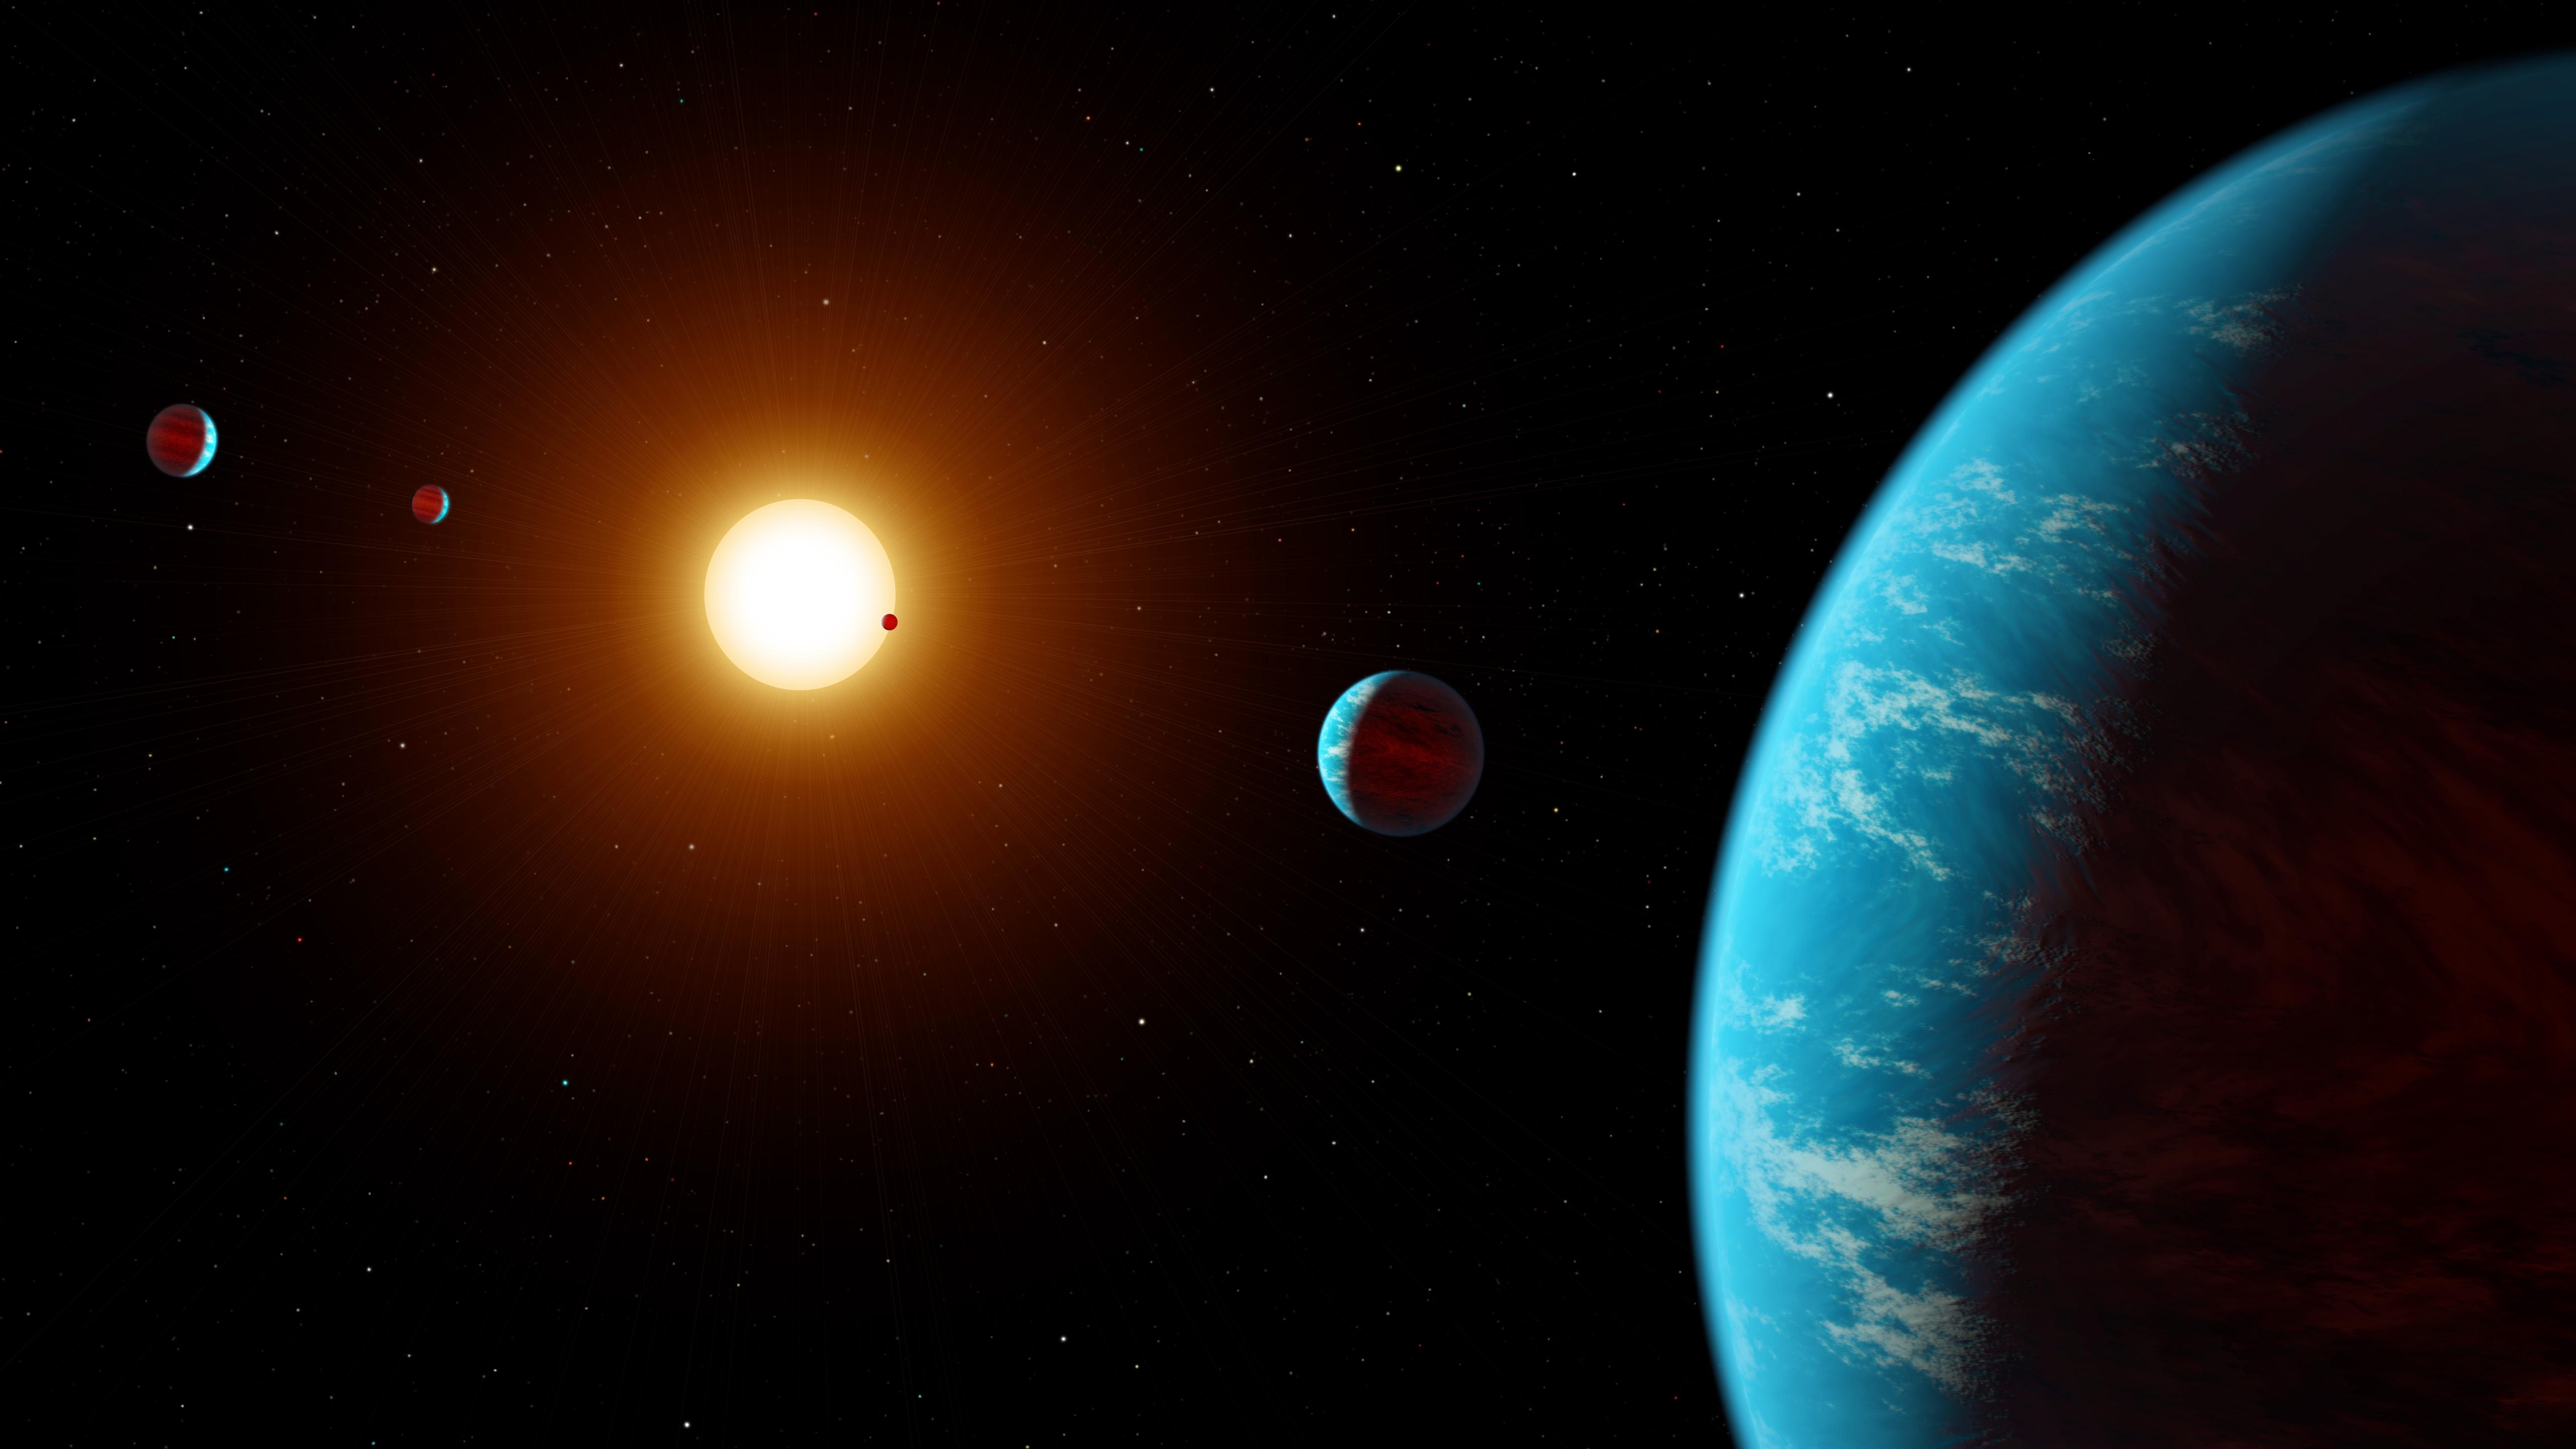 La NASA anuncia el primer sistema de planetas descubierto completamente por científicos ciudadanos